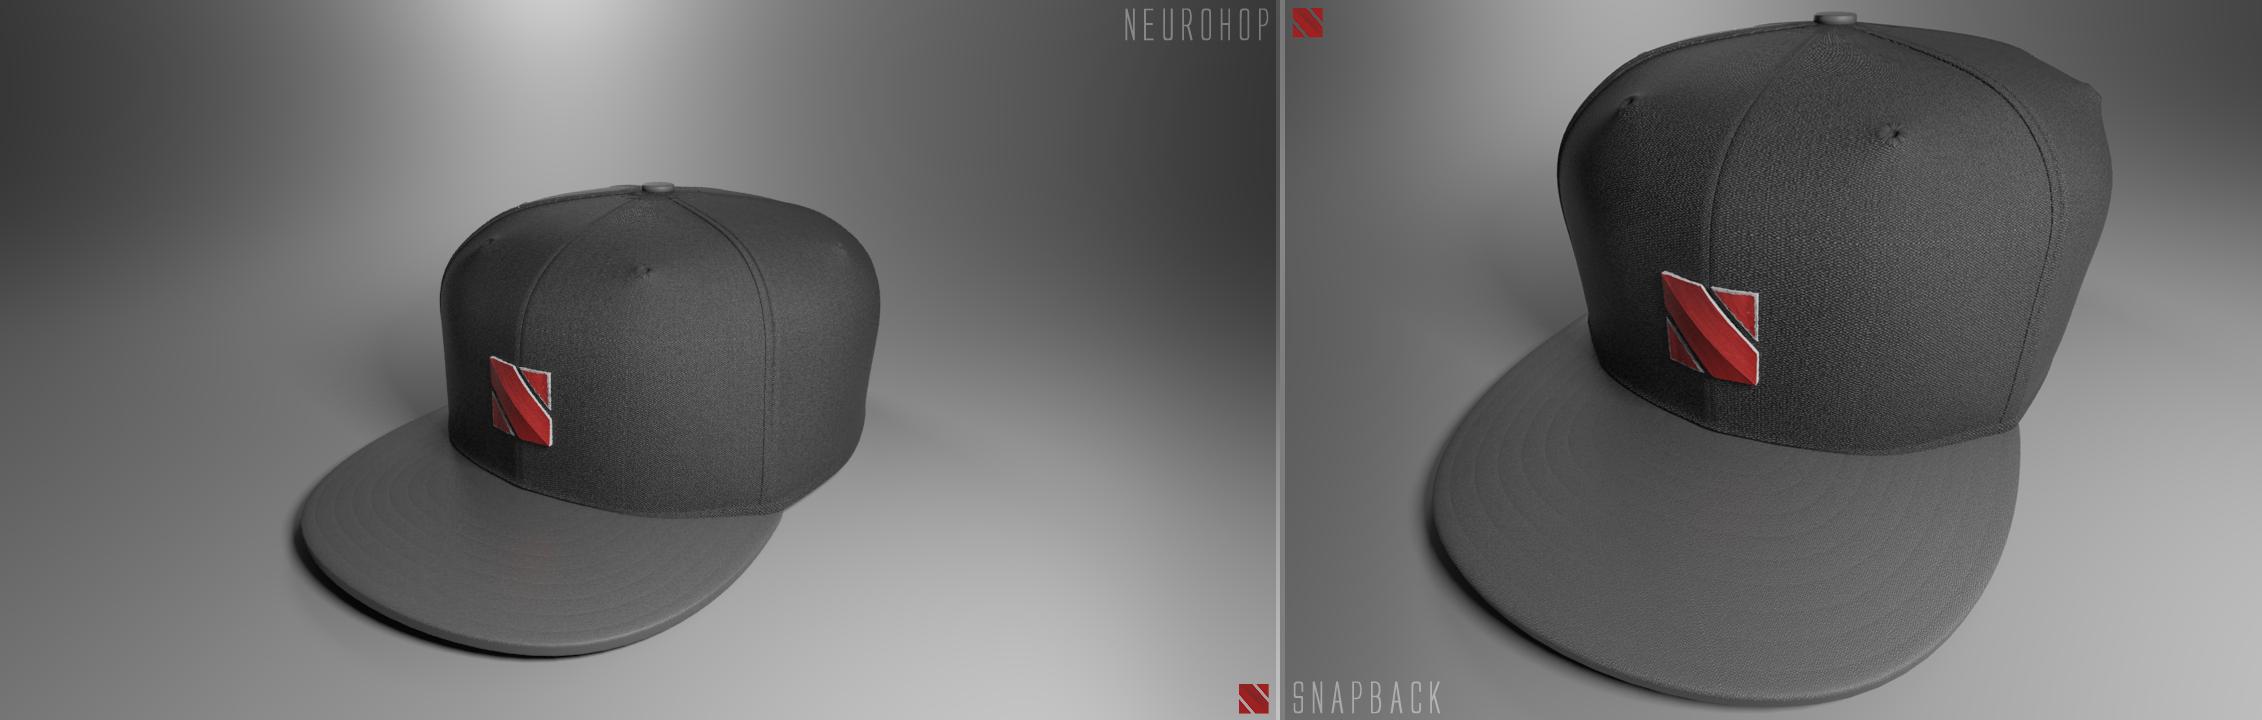 Neurohop - Snapback Cap/01